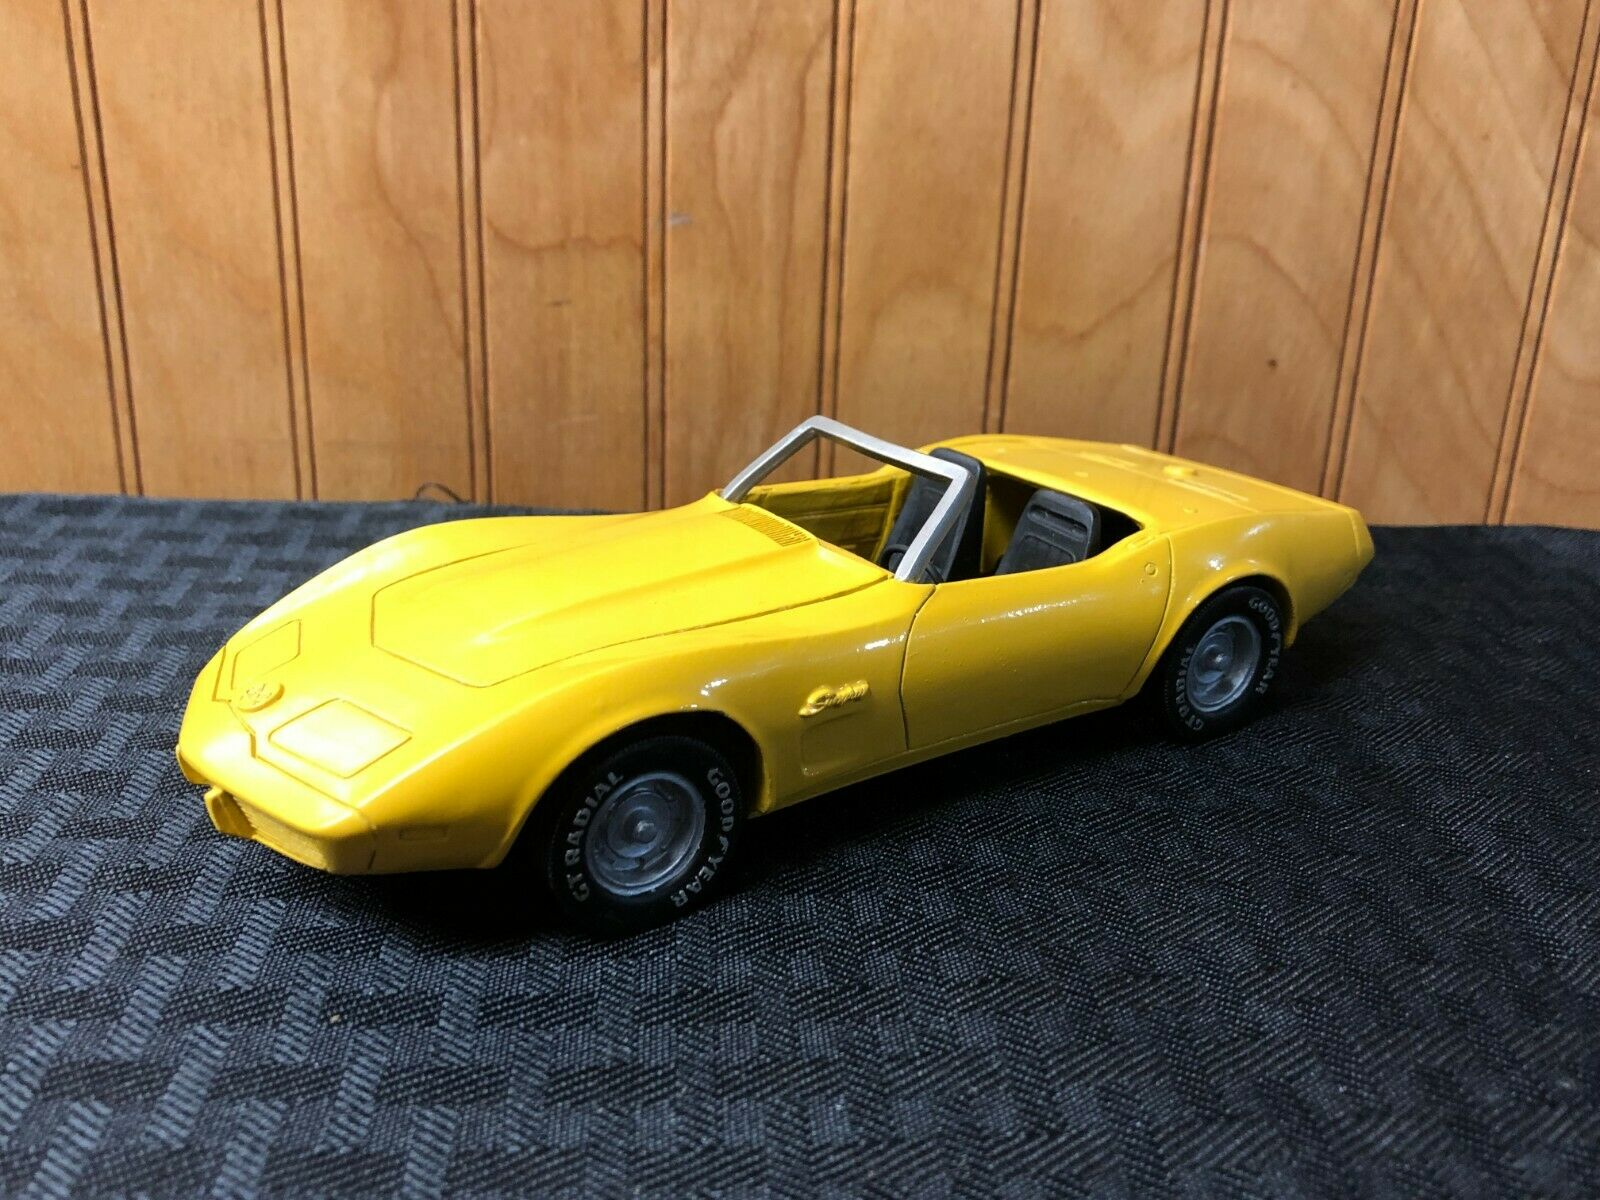 Mvm miniatura 1975 transformación del hurón en un Chevrolet Corvette.Cera 1   25 1979